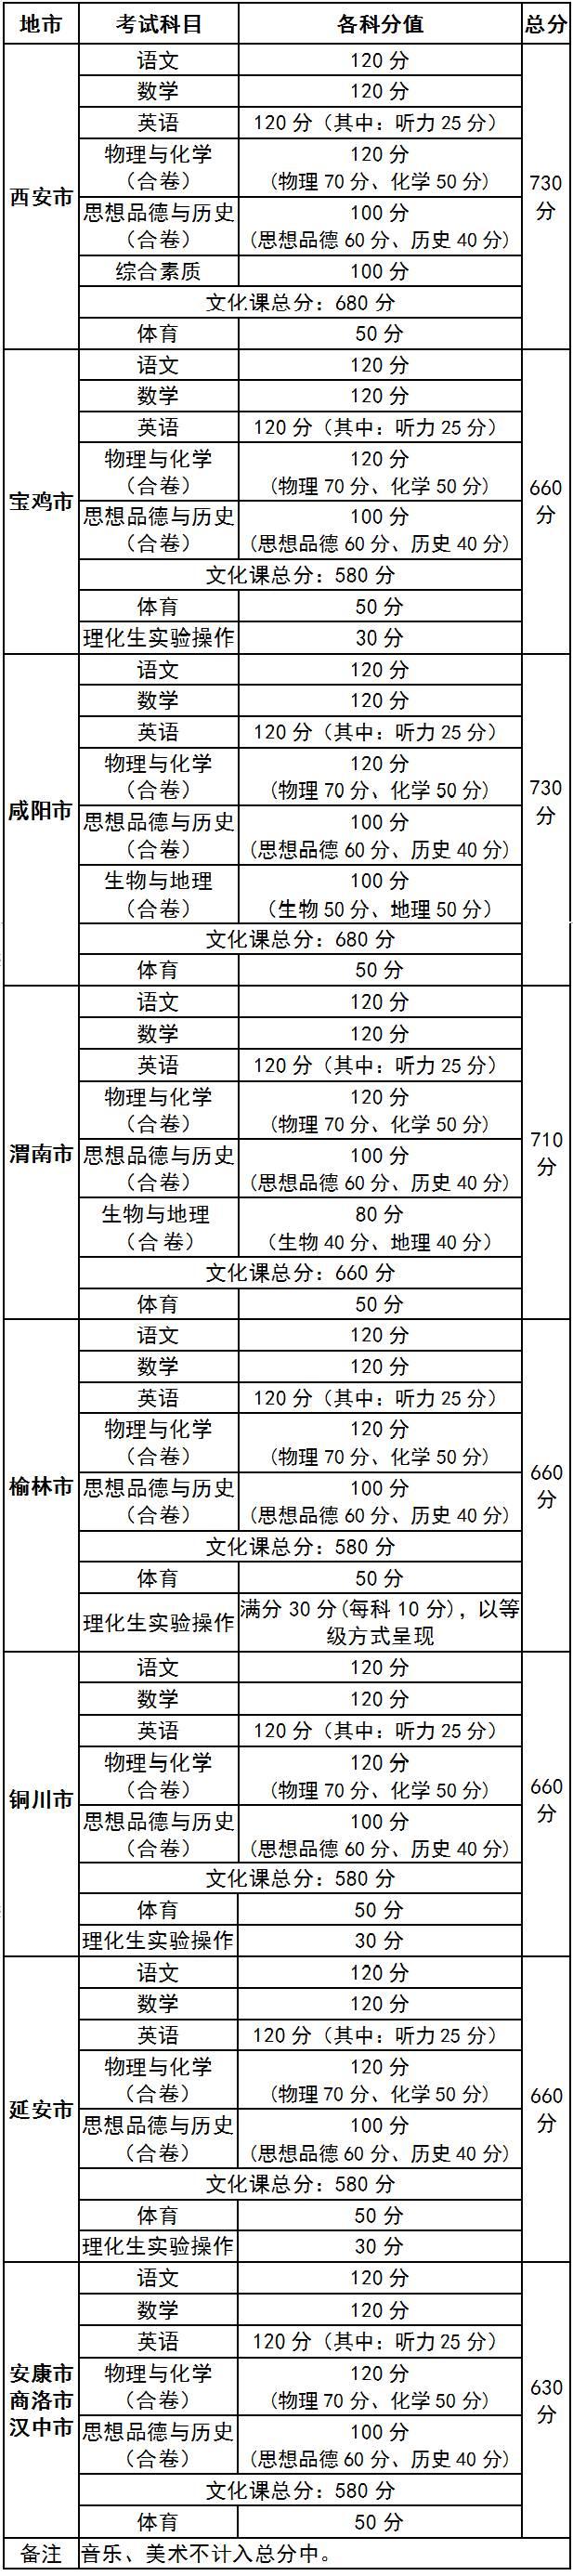 陕西省各地区中考考试情况及名高录取分数线